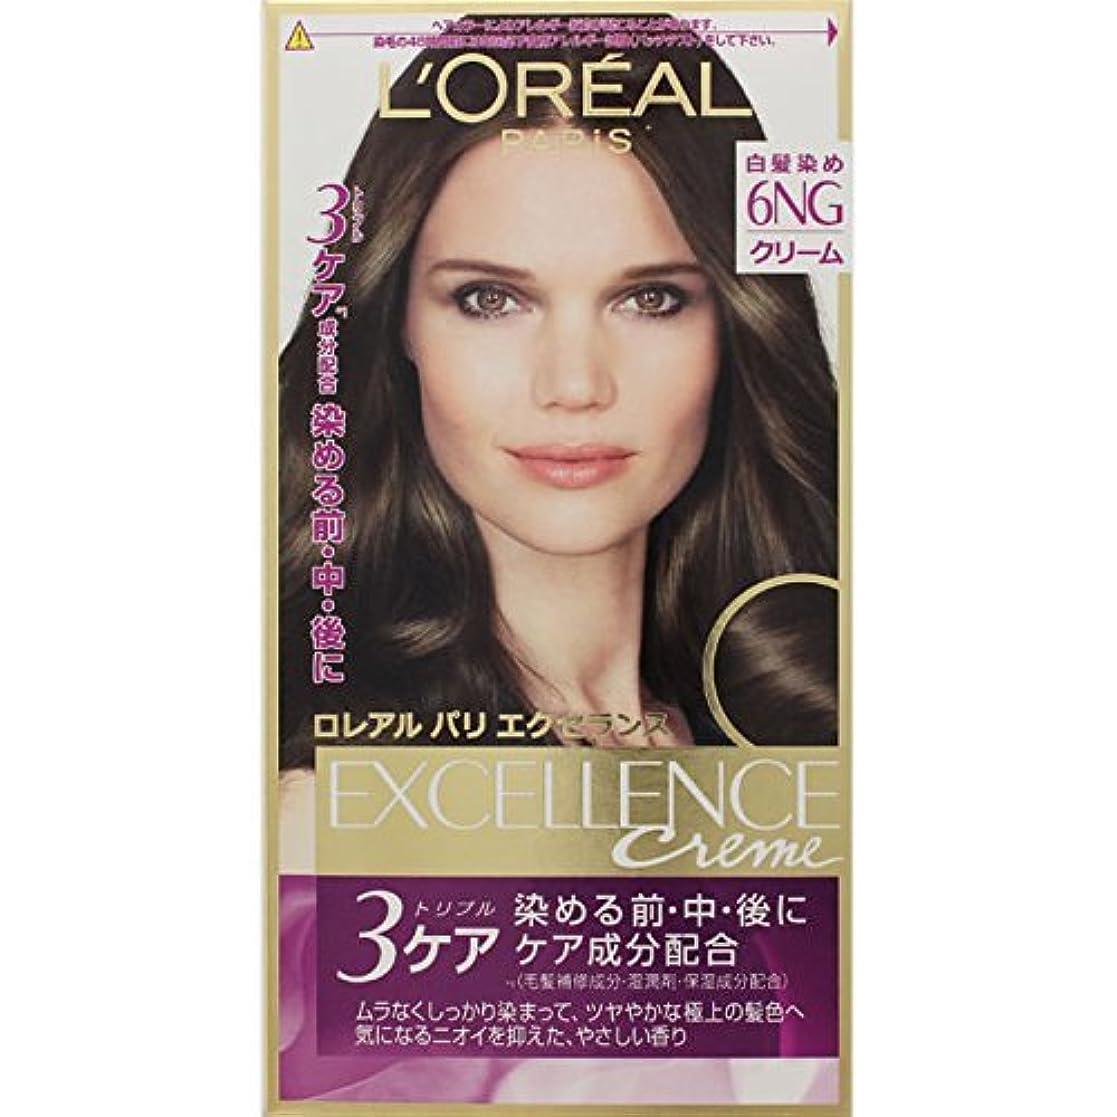 ロレアル パリ ヘアカラー 白髪染め エクセランス N クリームタイプ 6NG 緑がかったやや明るい栗色